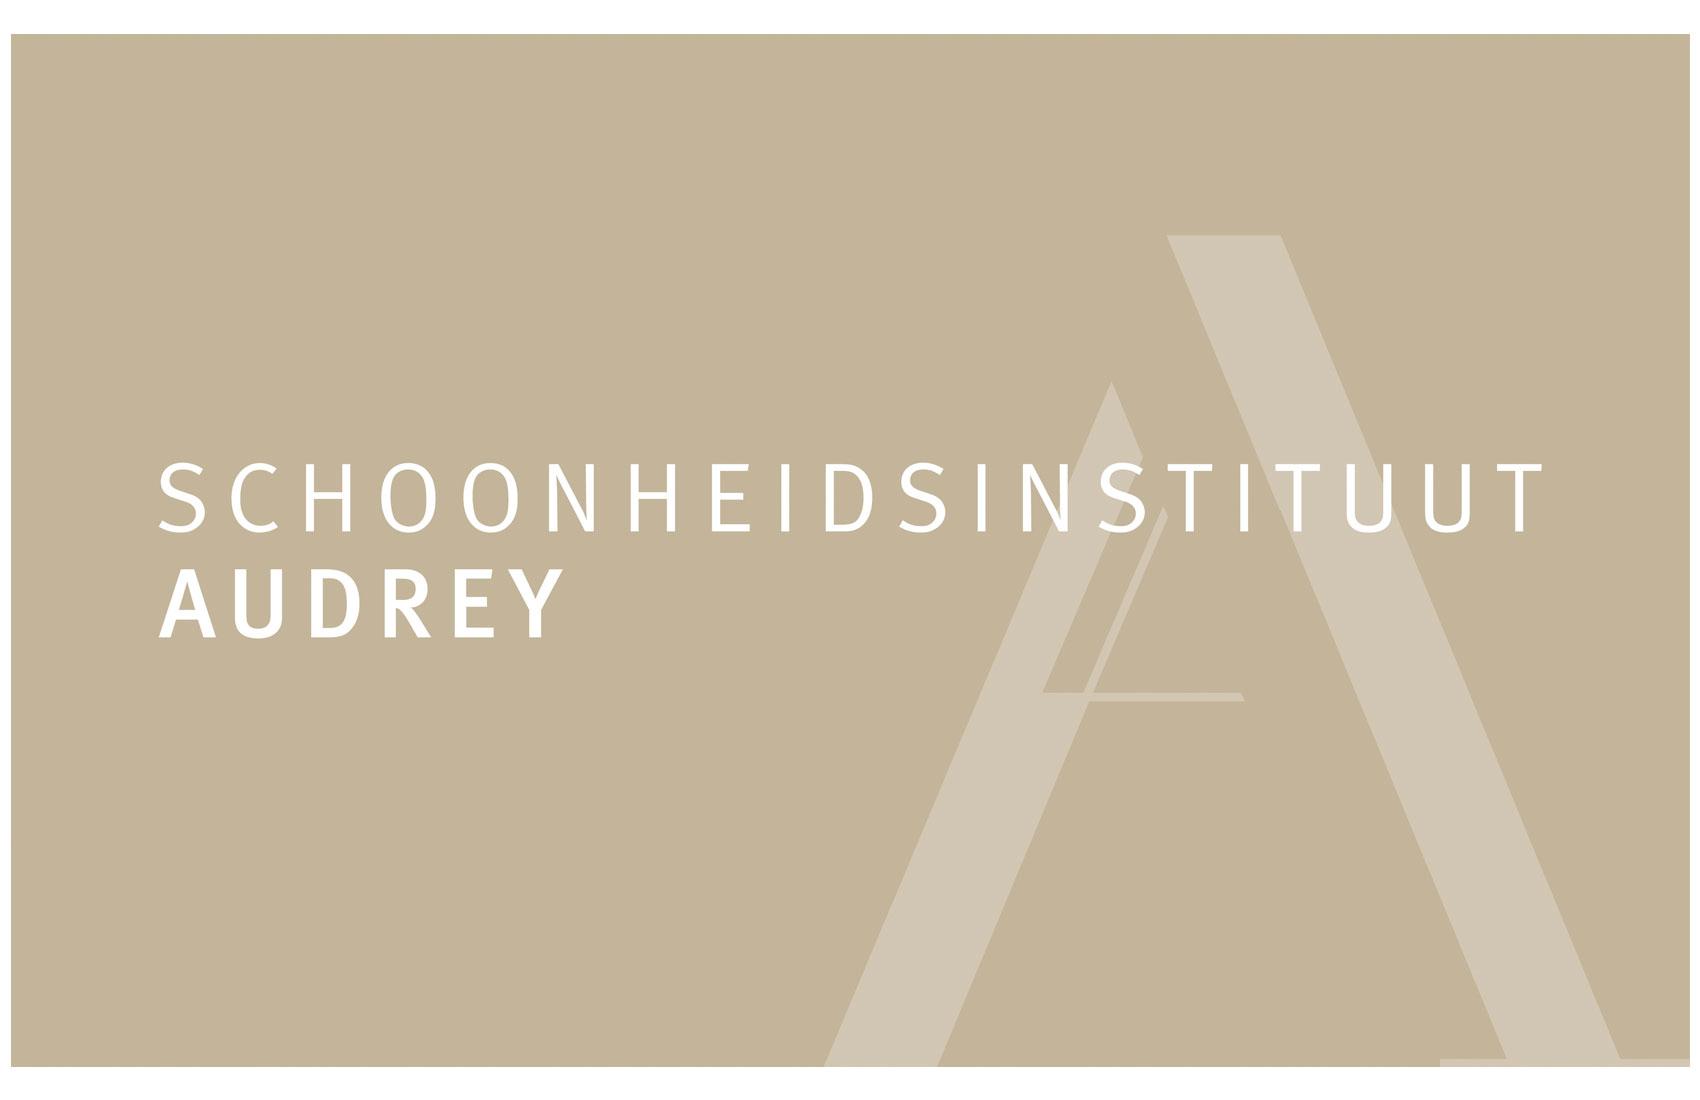 Audrey Schoonheidsinstituut